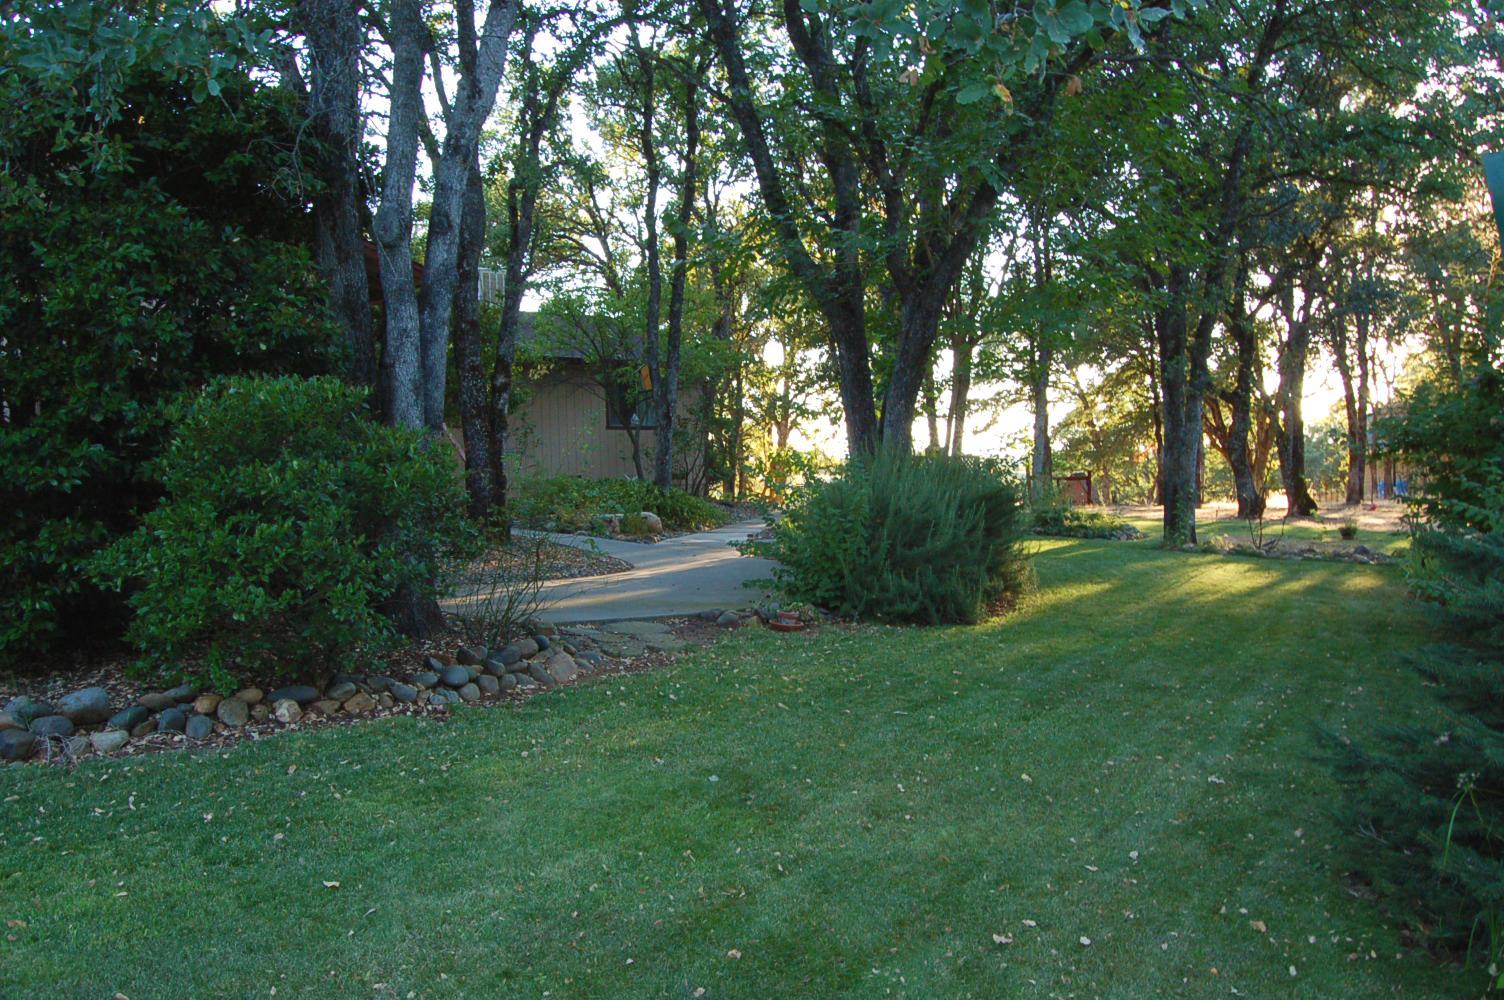 17410-Hooker-Creek-Rd-Cottonwood-CA-grass